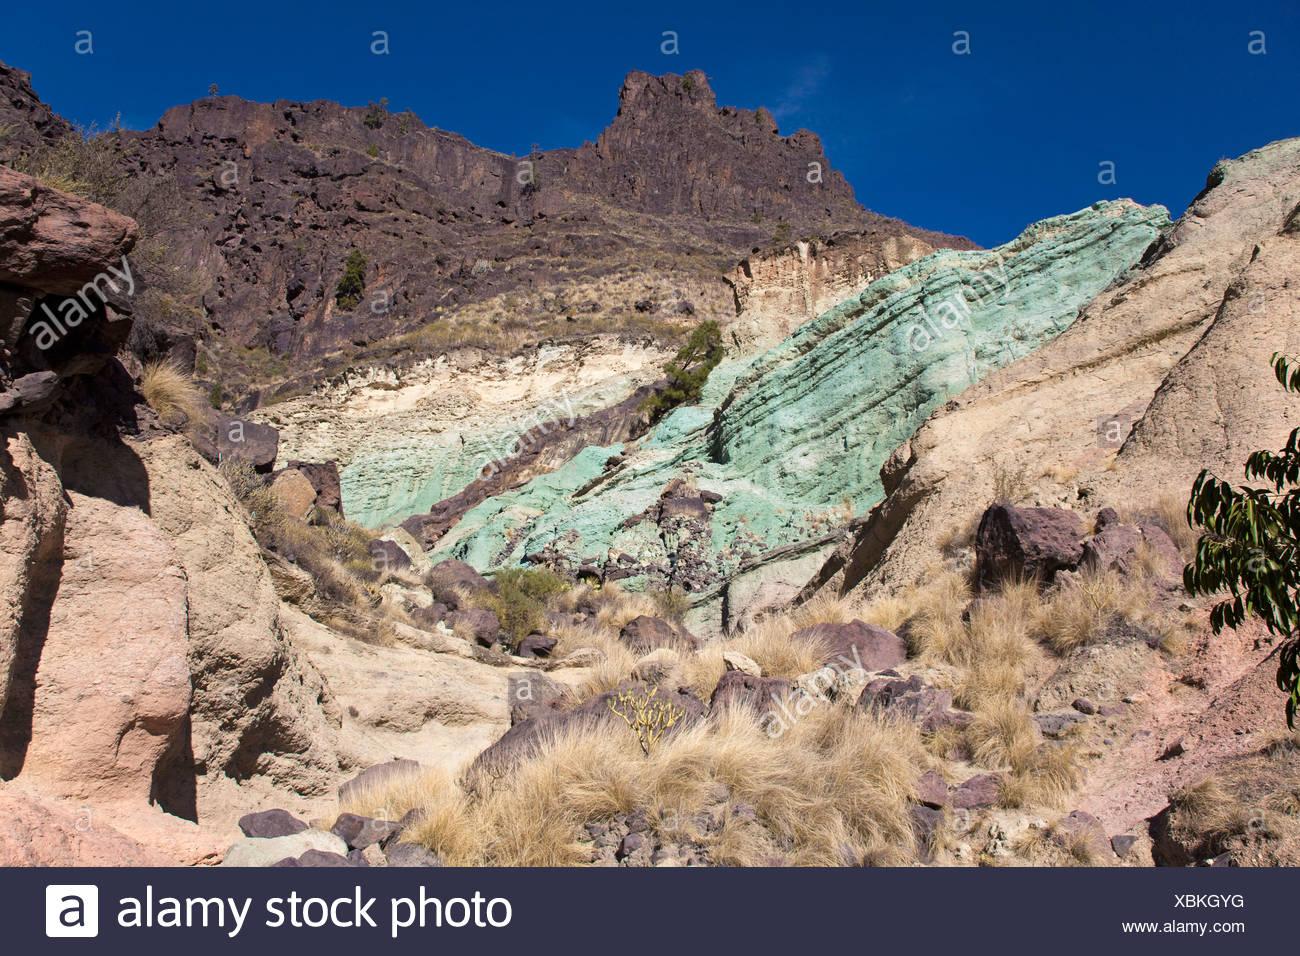 L'hydrate de fer vert dans la roche, des azulejos, sur la route GC-220 entre Mogan et San Nicolás De Tolentino, côte sud-ouest Banque D'Images